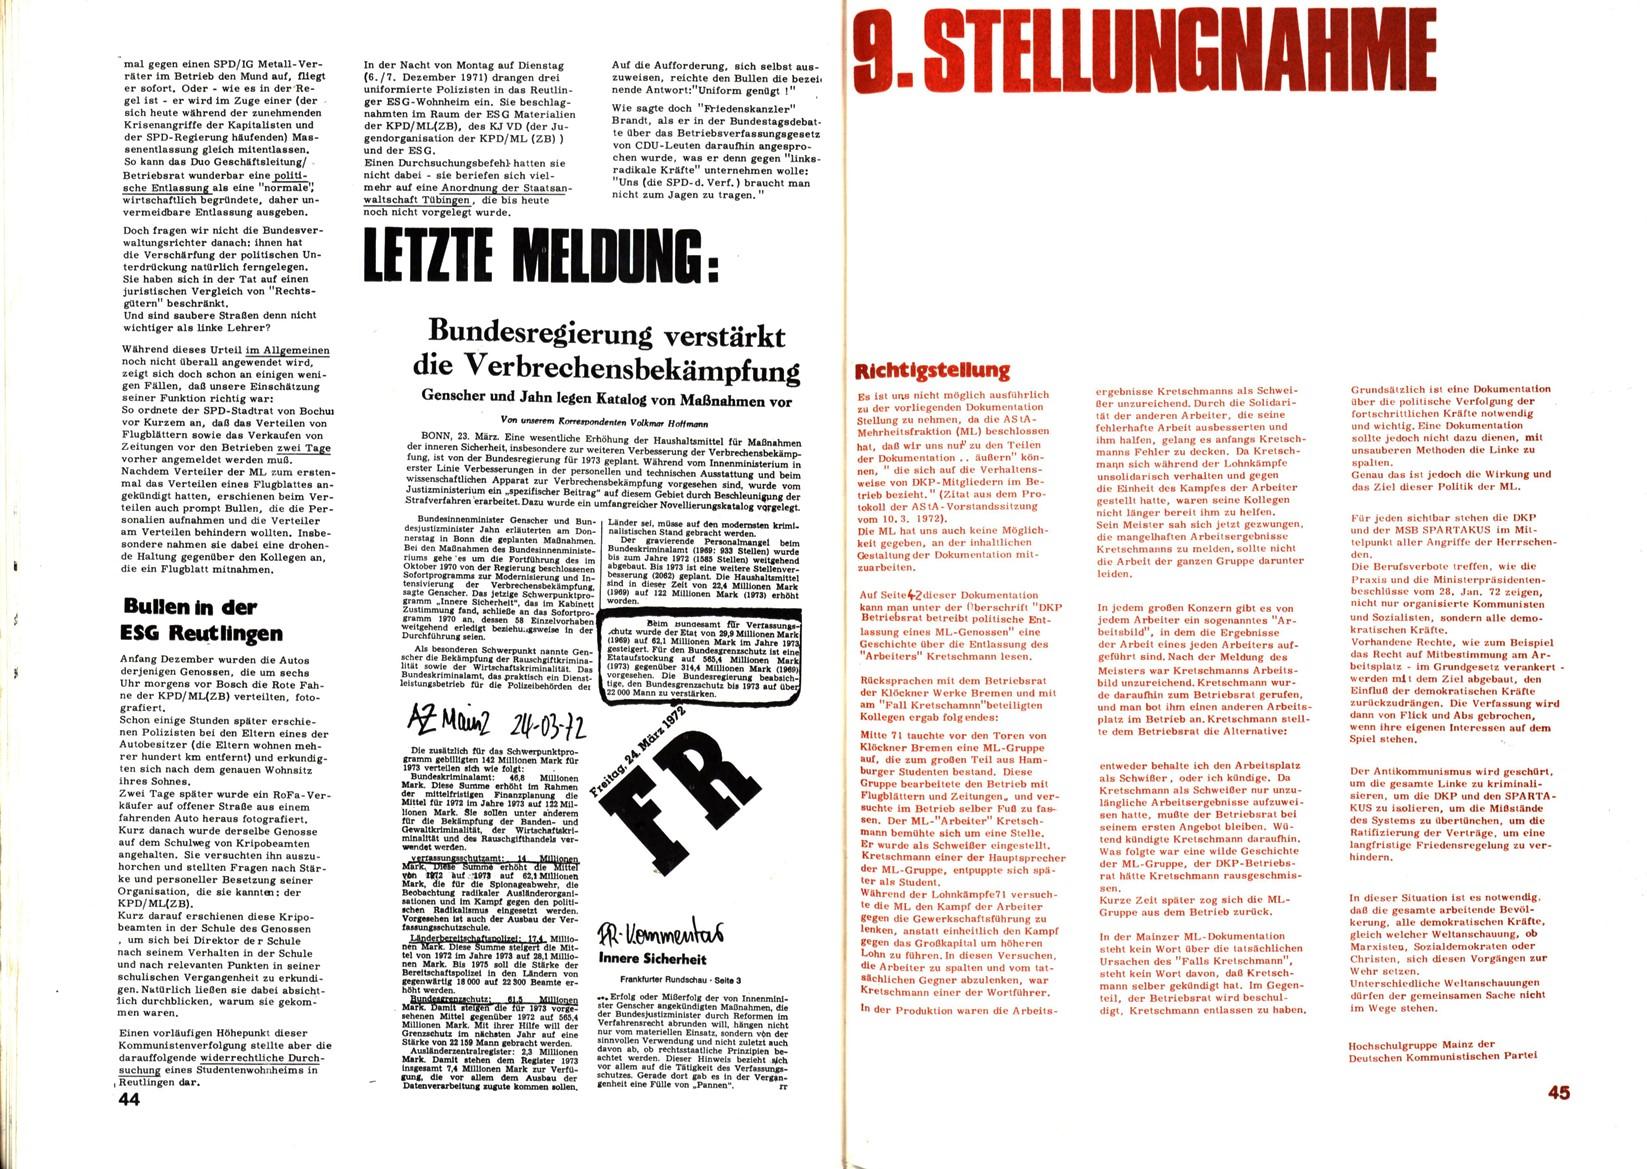 Mainz_VDS_AStA_1972_Staatsfeind_24